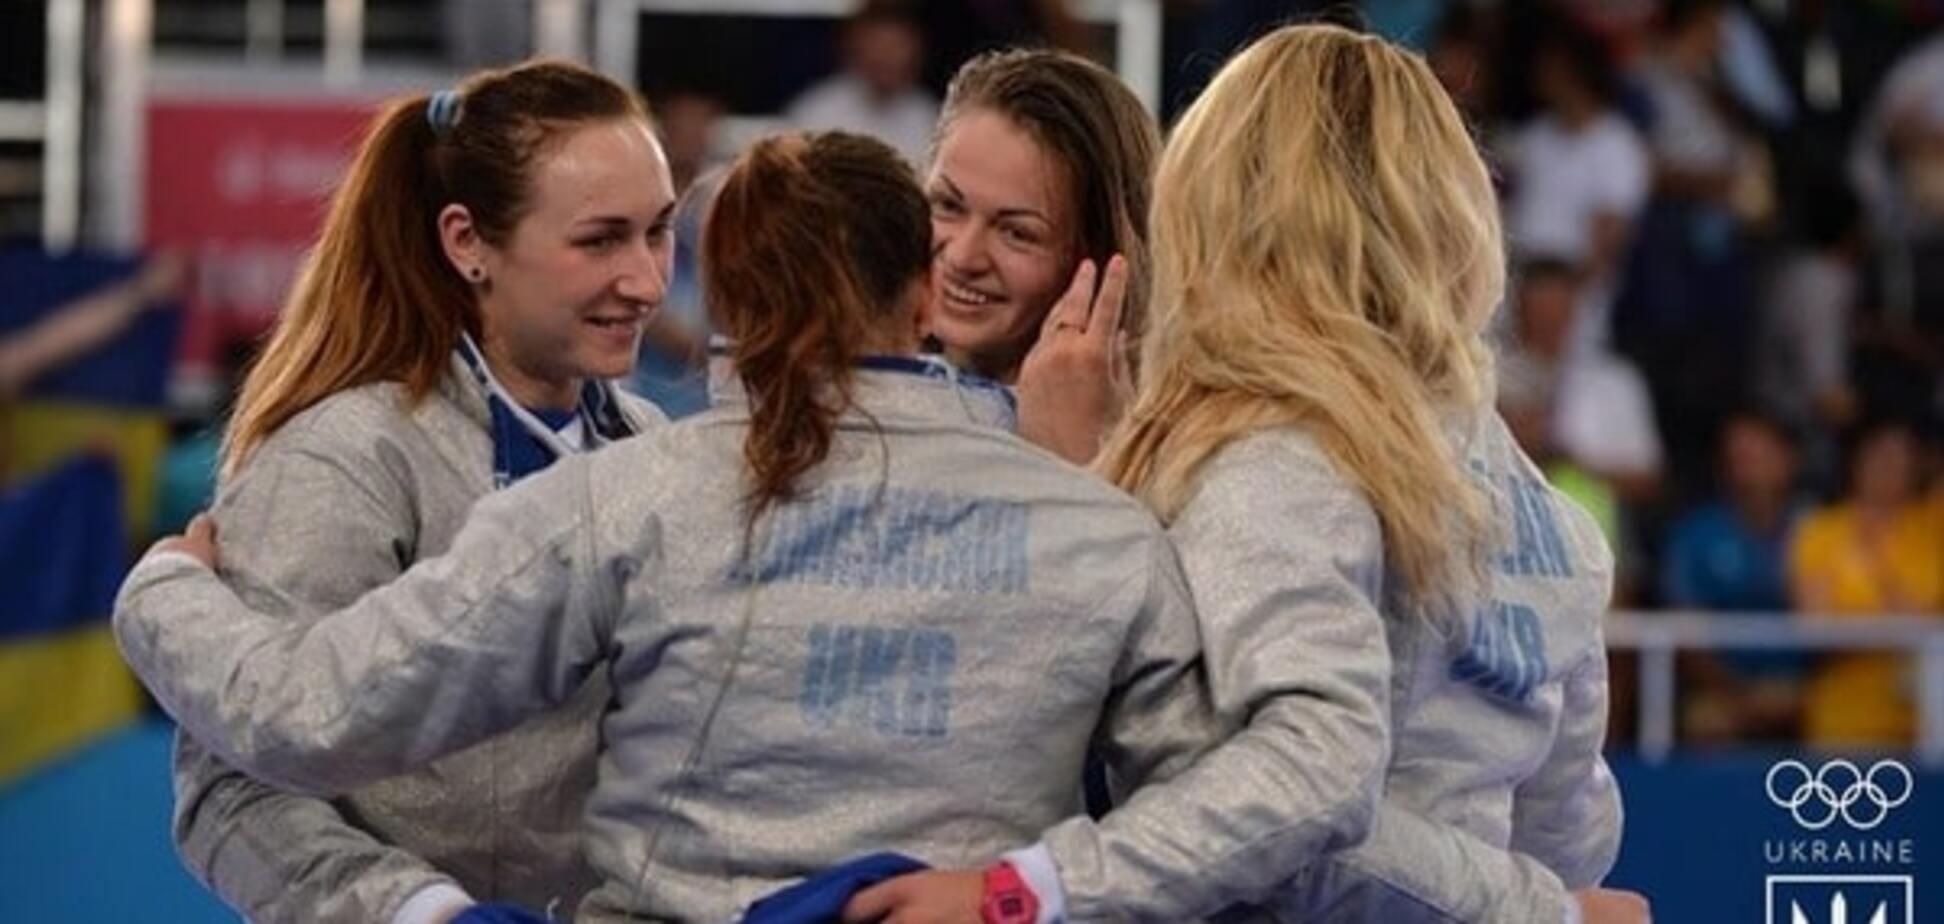 Українські шаблістки перемогли на Кубку світу, розбивши в драматичному фіналі росіянок: відео битви